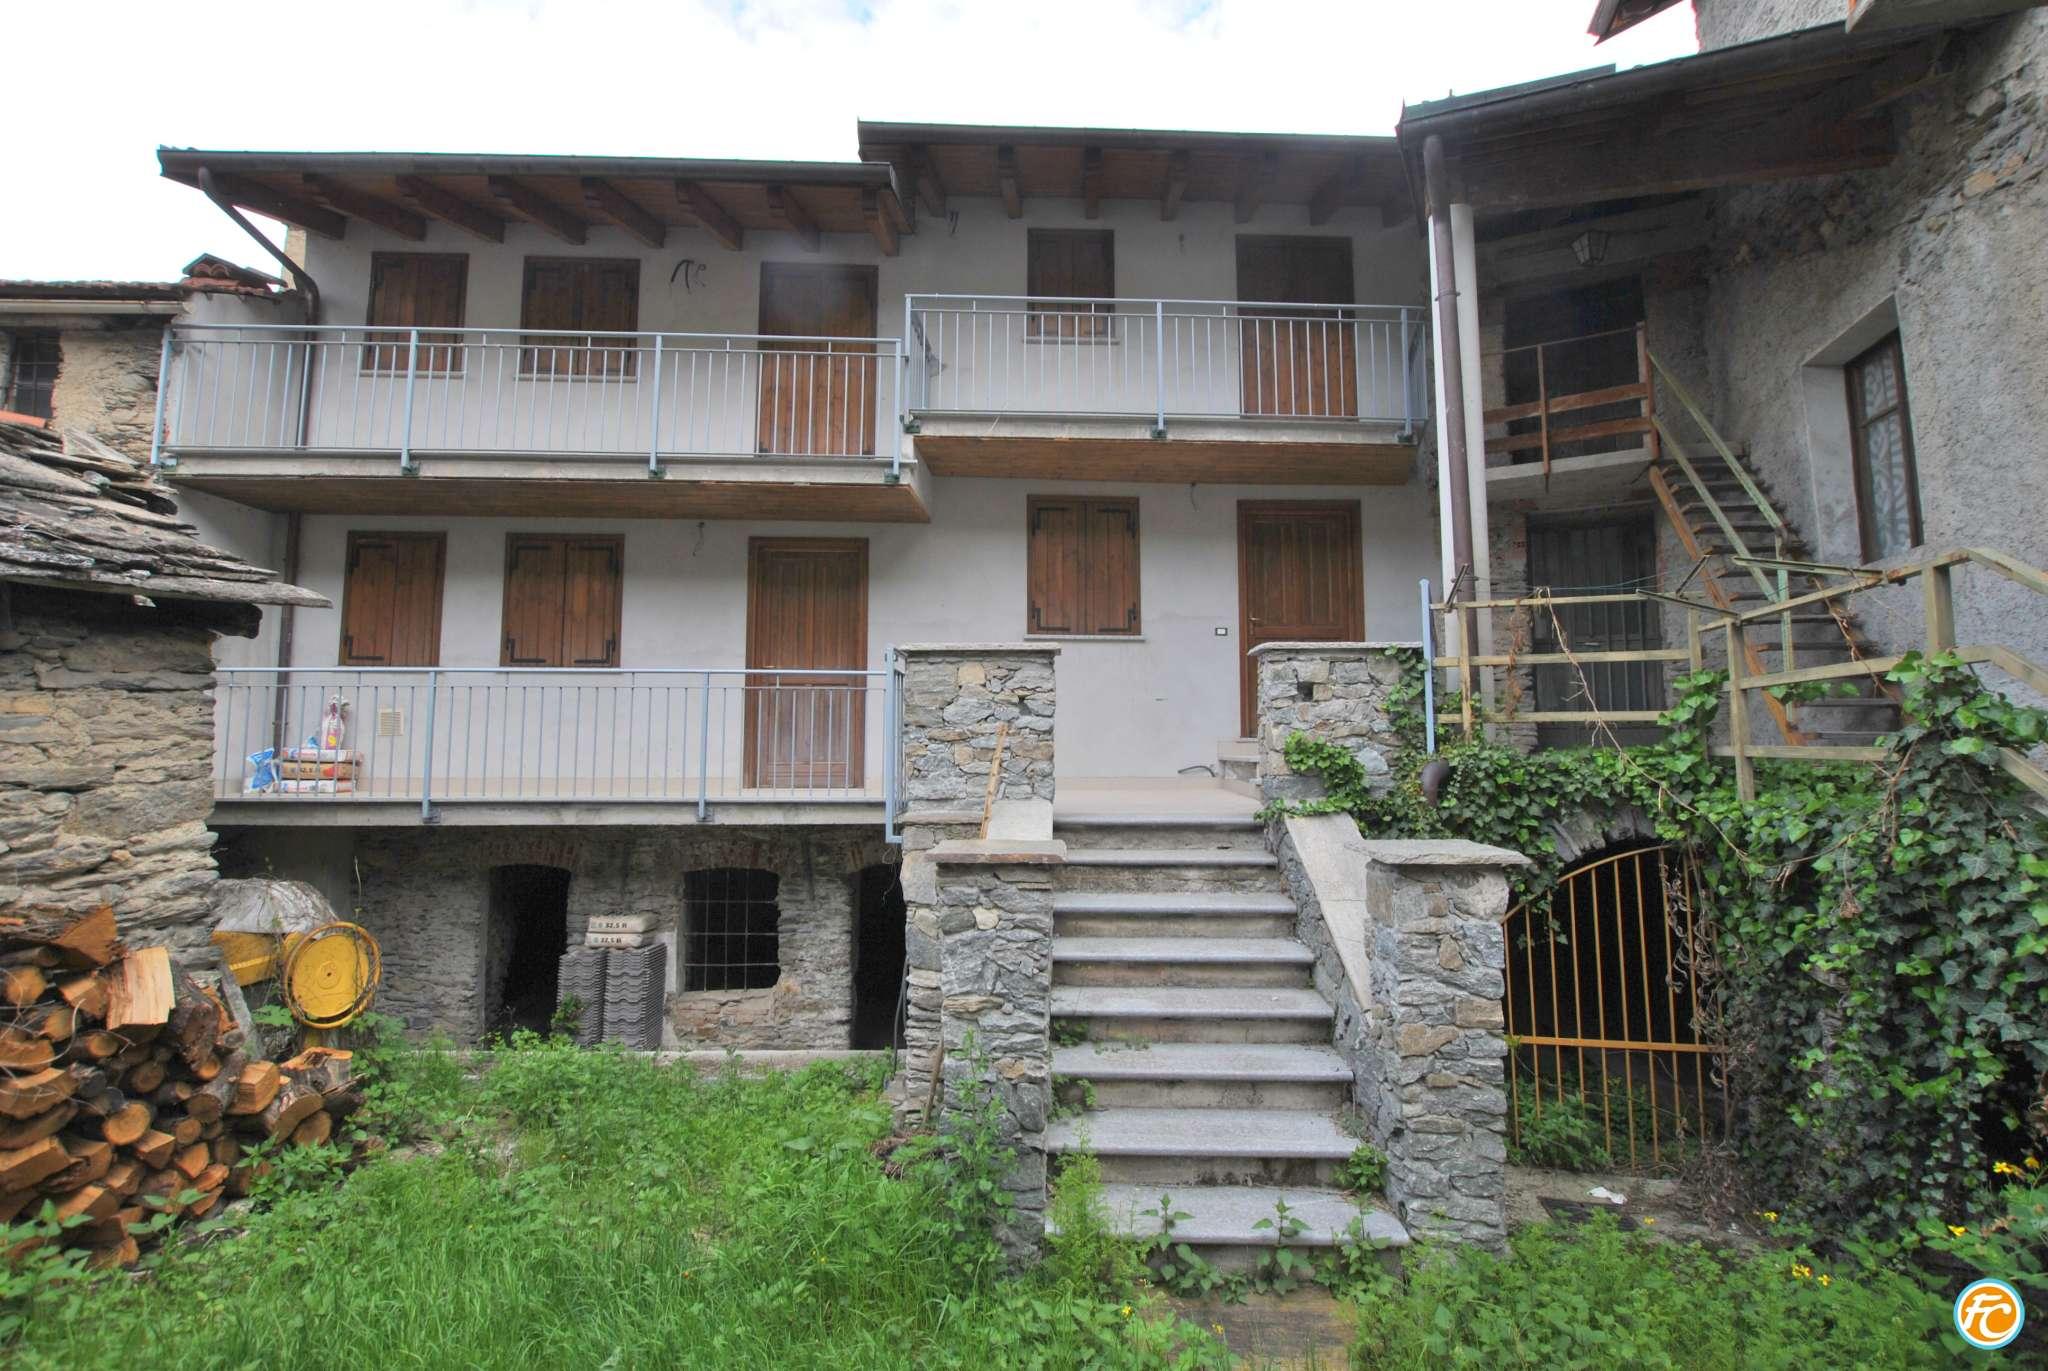 Palazzo / Stabile in vendita a Meana di Susa, 4 locali, prezzo € 138.000 | CambioCasa.it